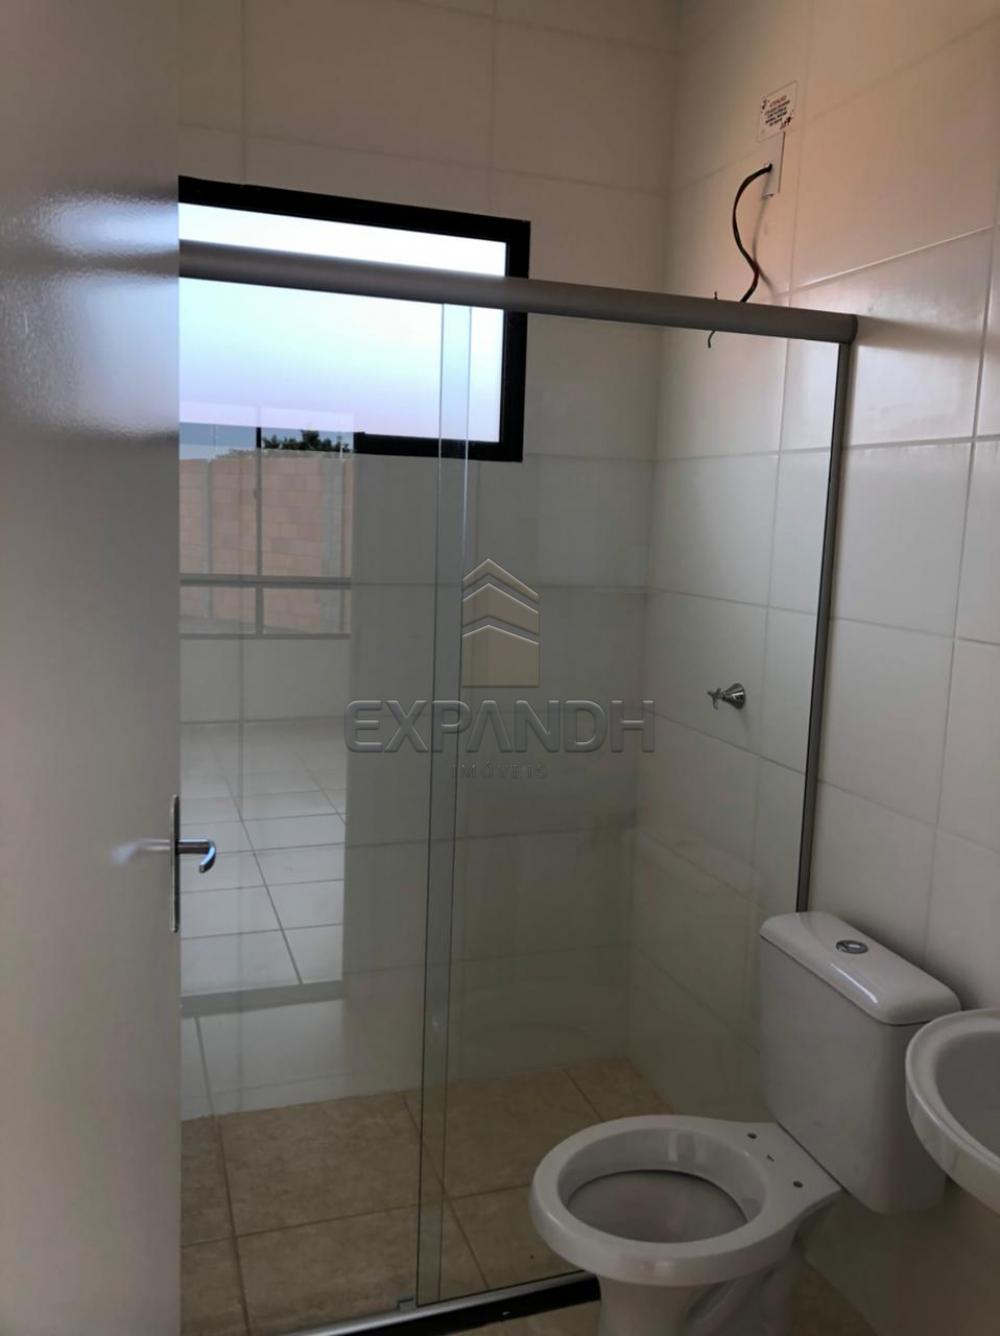 Alugar Casas / Padrão em Sertãozinho R$ 850,00 - Foto 9